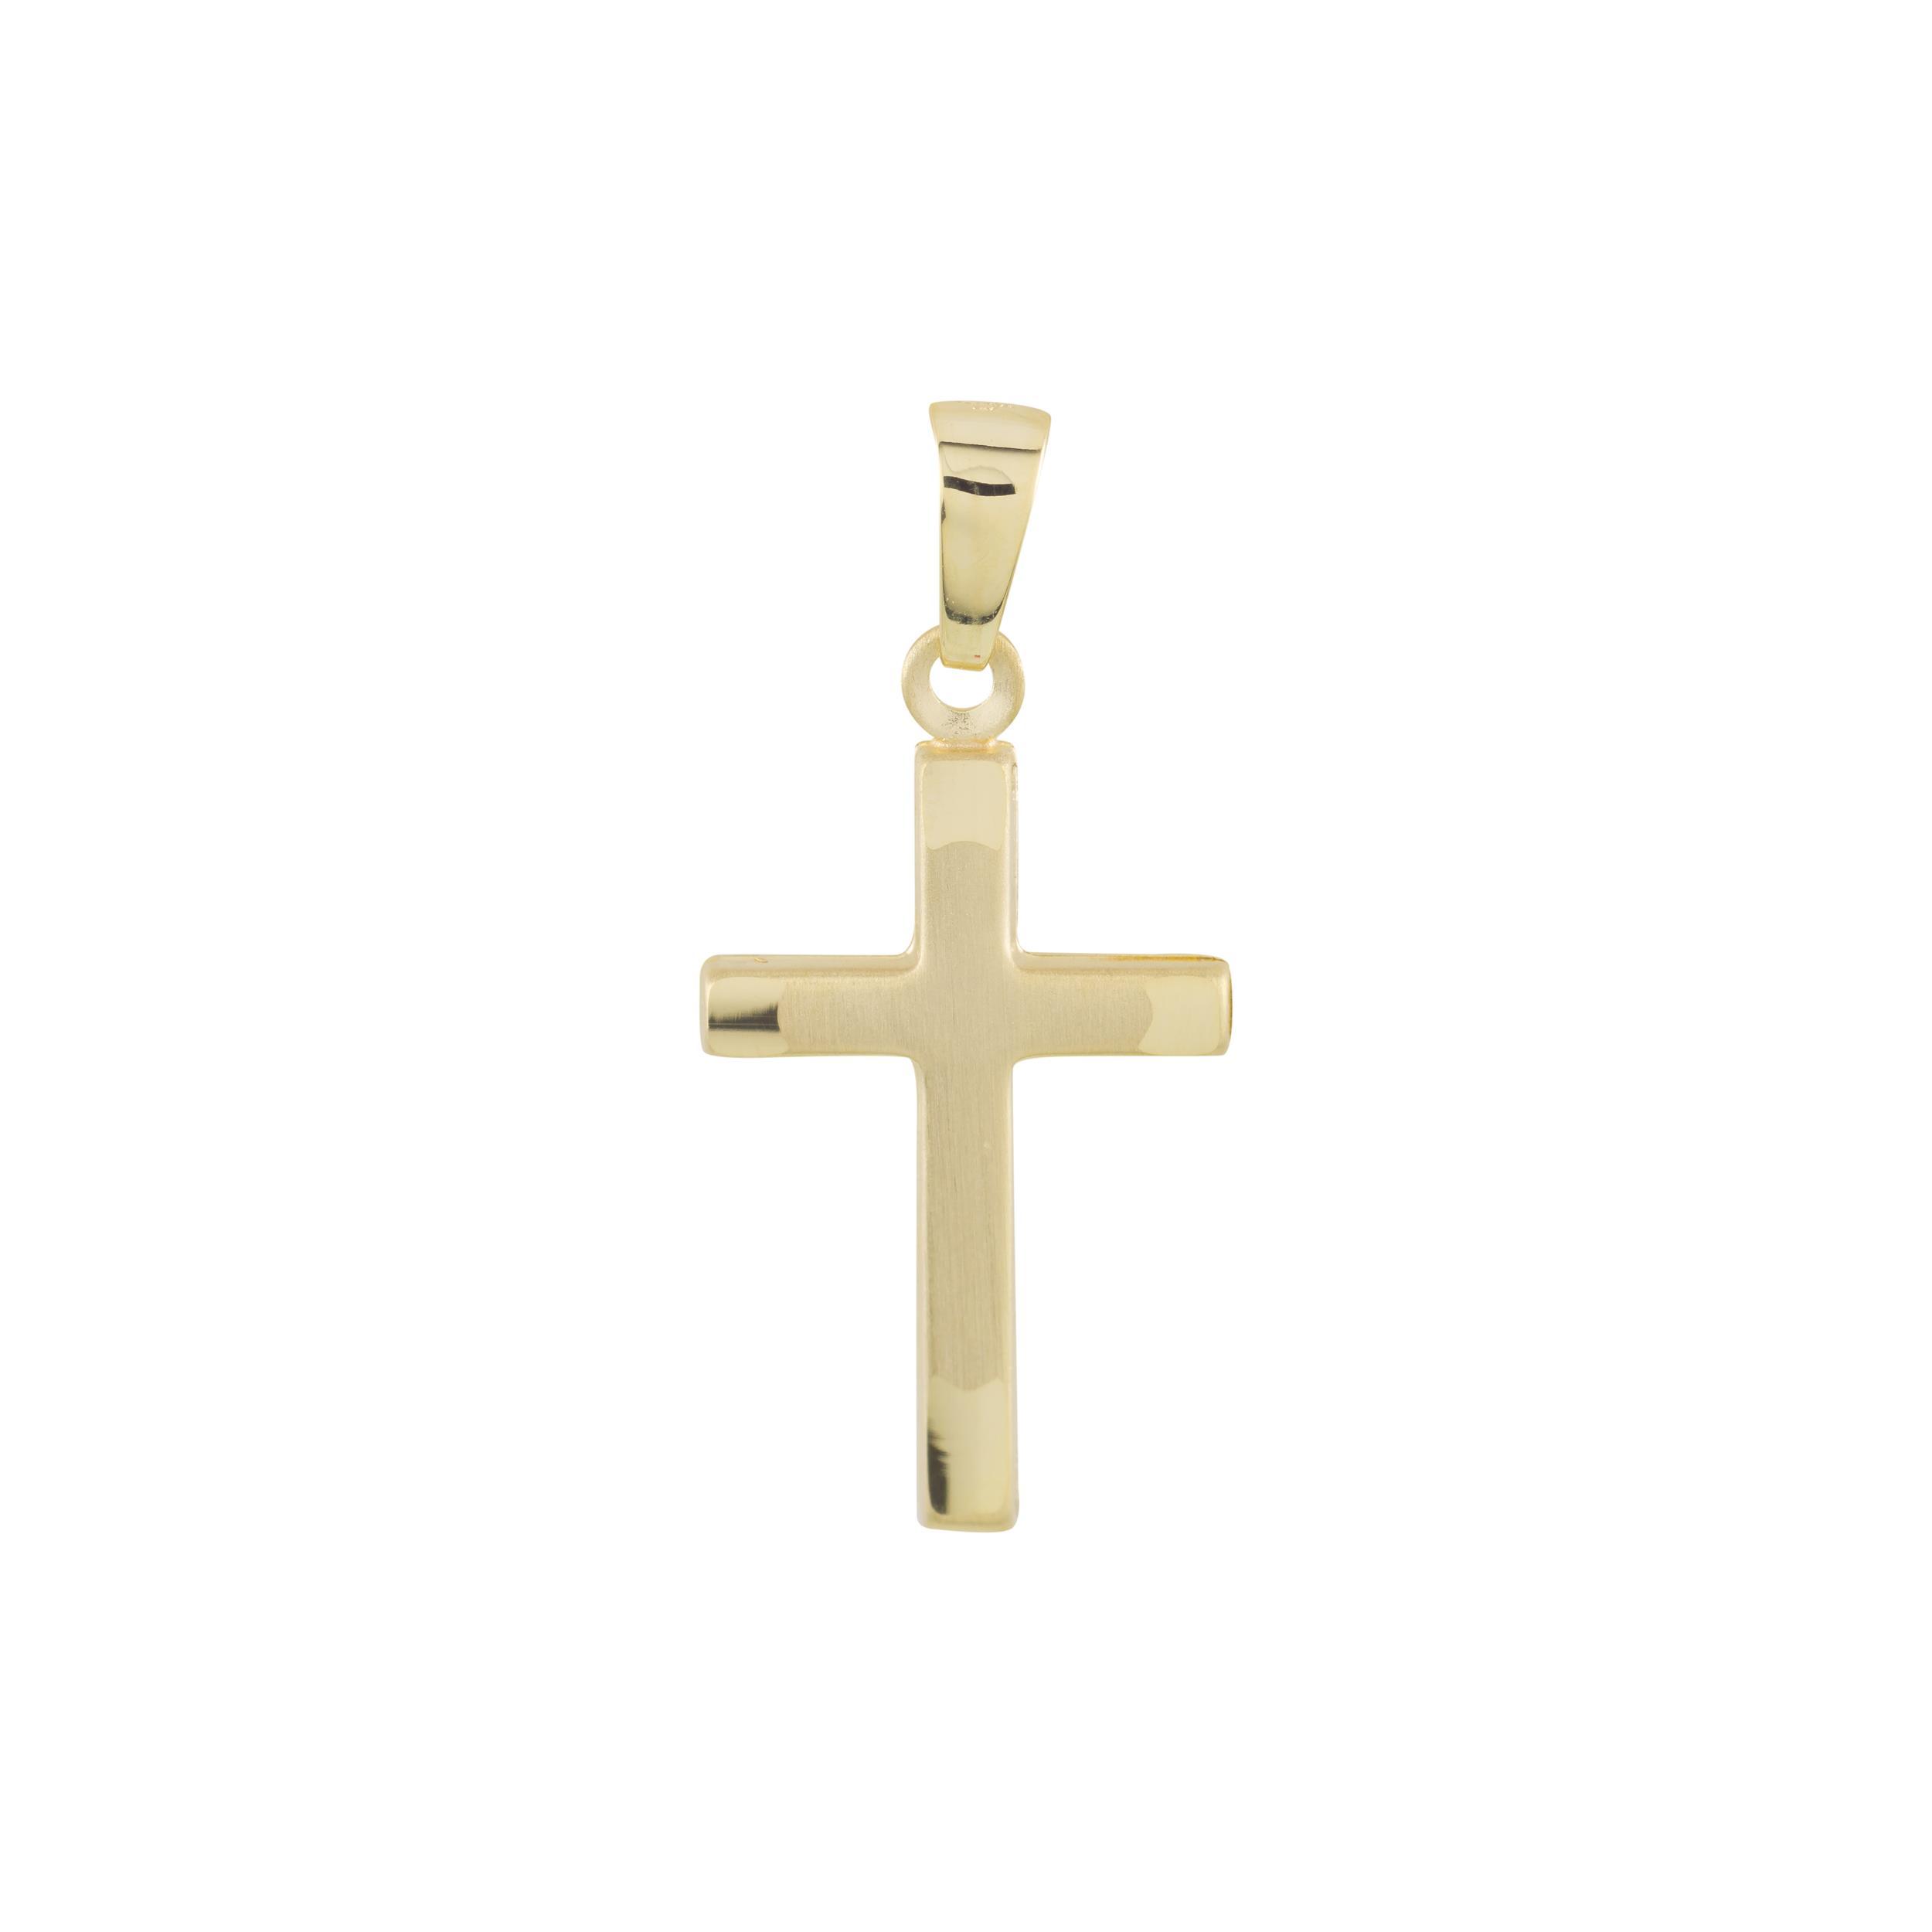 Gouden Hanger kruisje 26 x 12 mm hol 246.0129.00